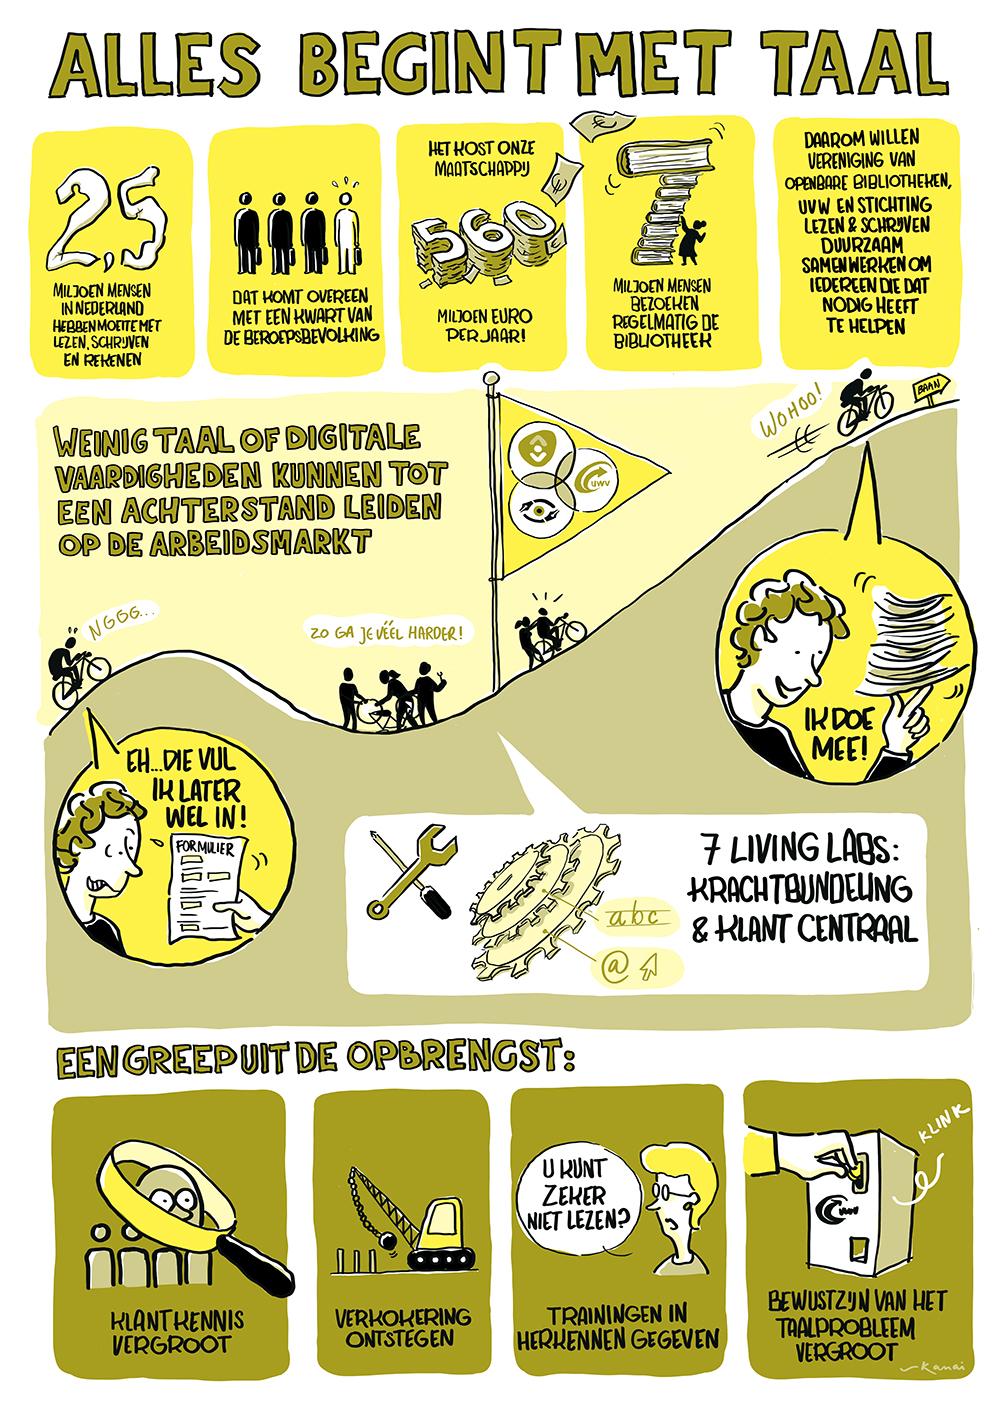 """Infographic """"Alles begint met taal"""""""